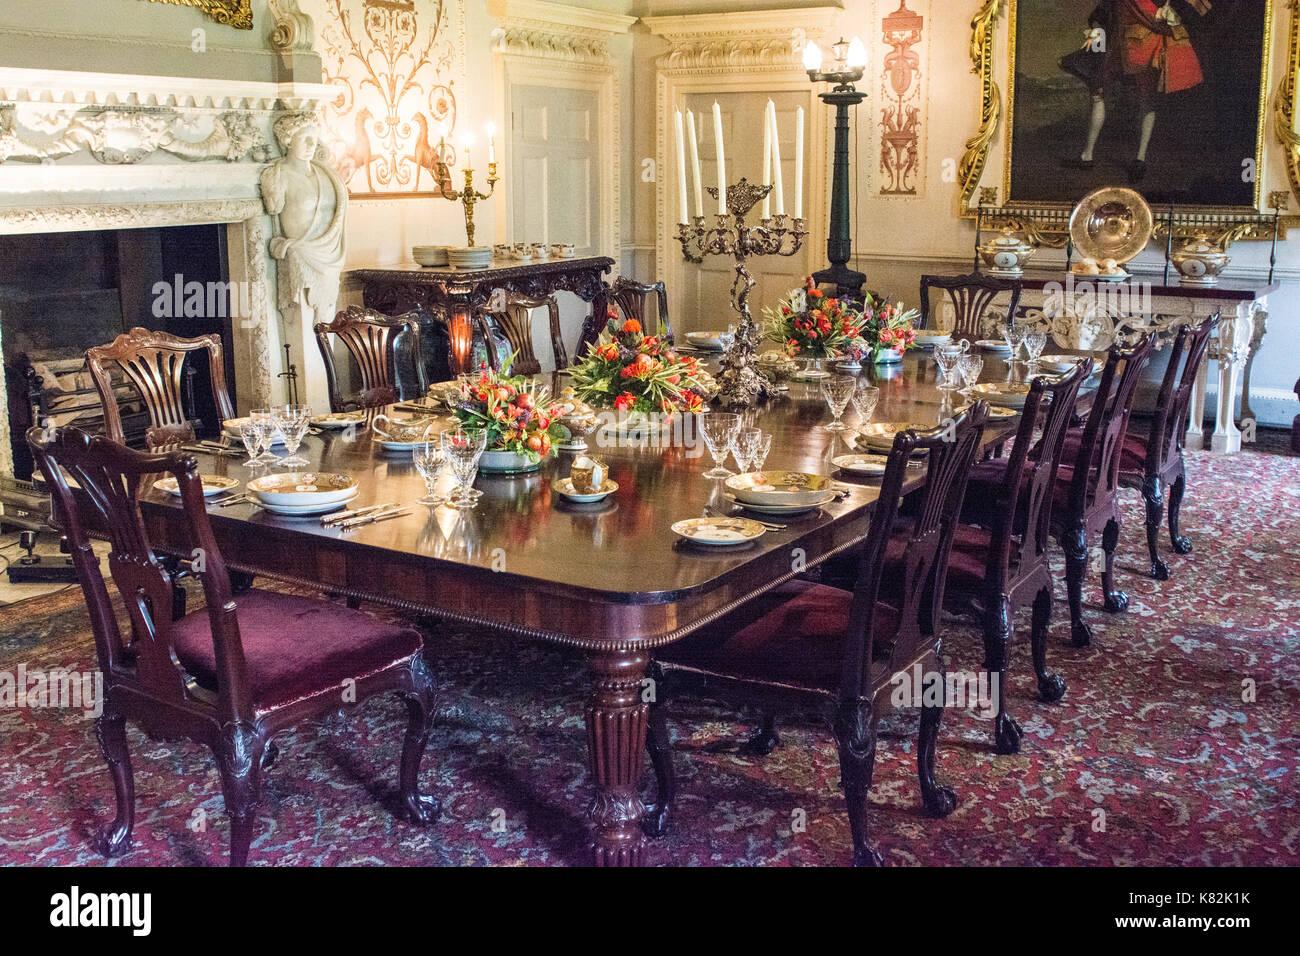 Esszimmer Auf Englisch | Regal Esszimmer In Englisch Herrenhaus Yorkshire England Stockfoto